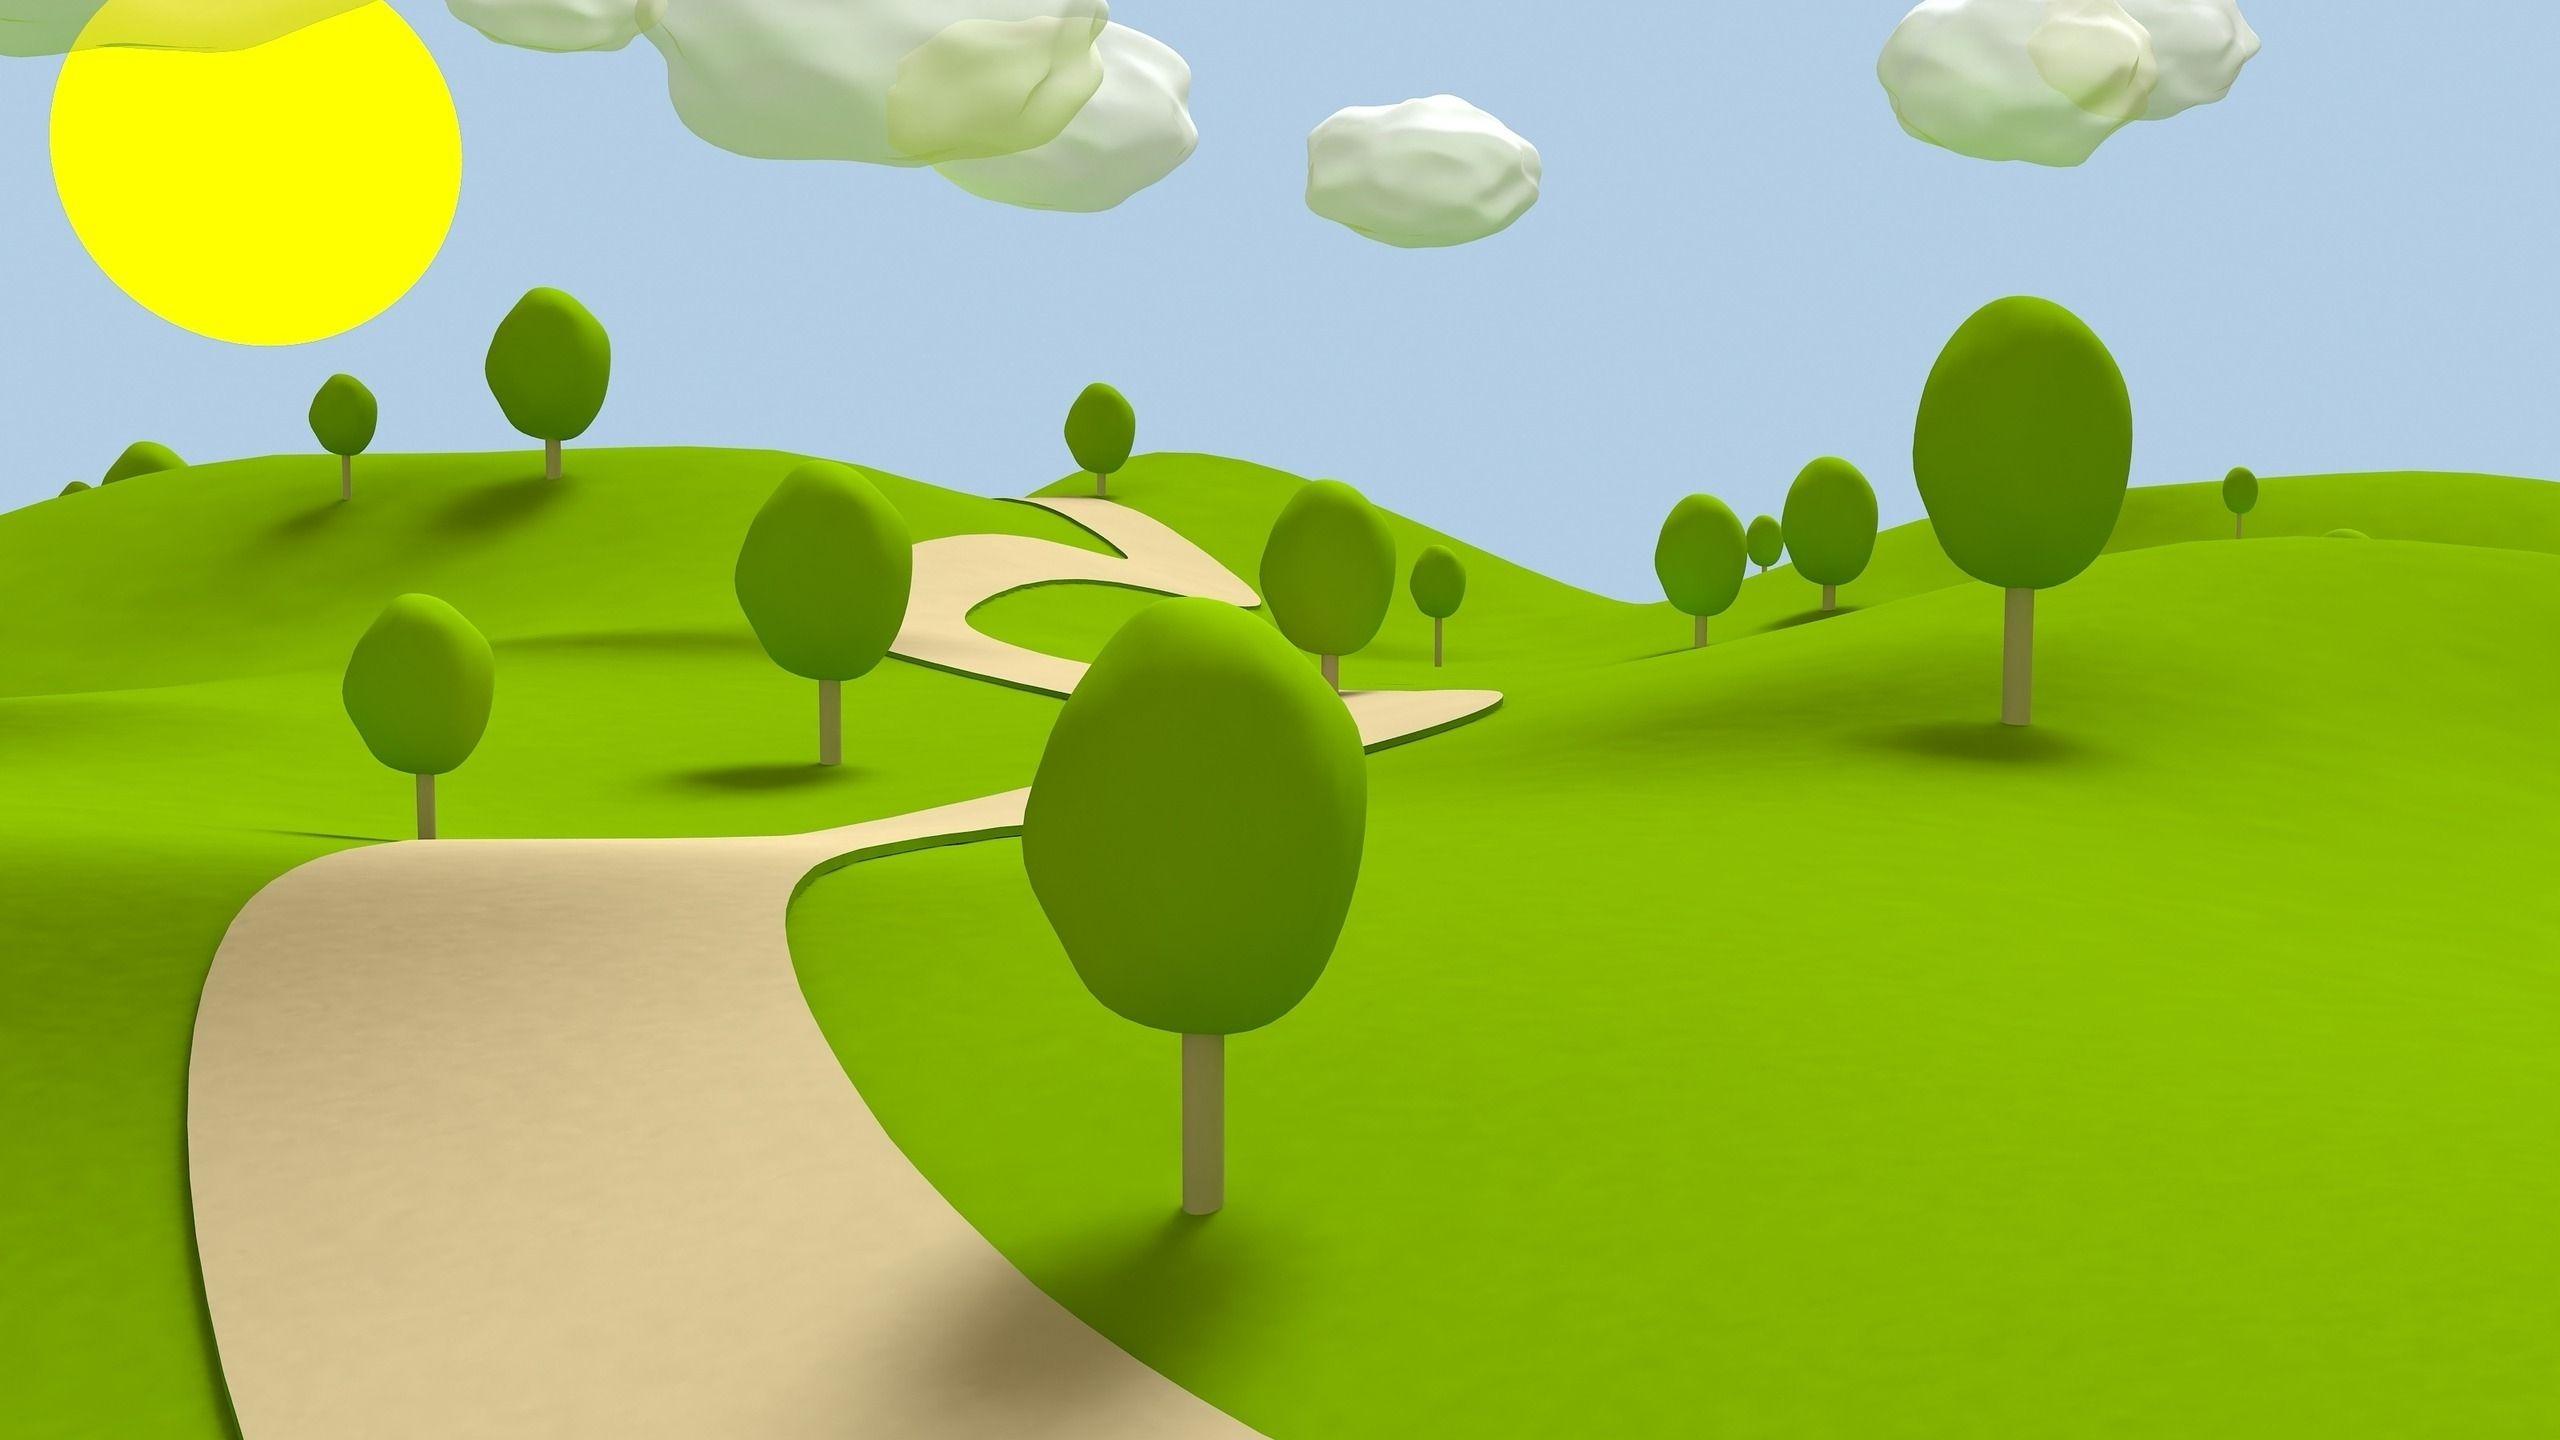 2560x1440 Green Garden Desktop Pc And Mac Wallpaper Mac Wallpaper Wallpaper Desktop Wallpaper